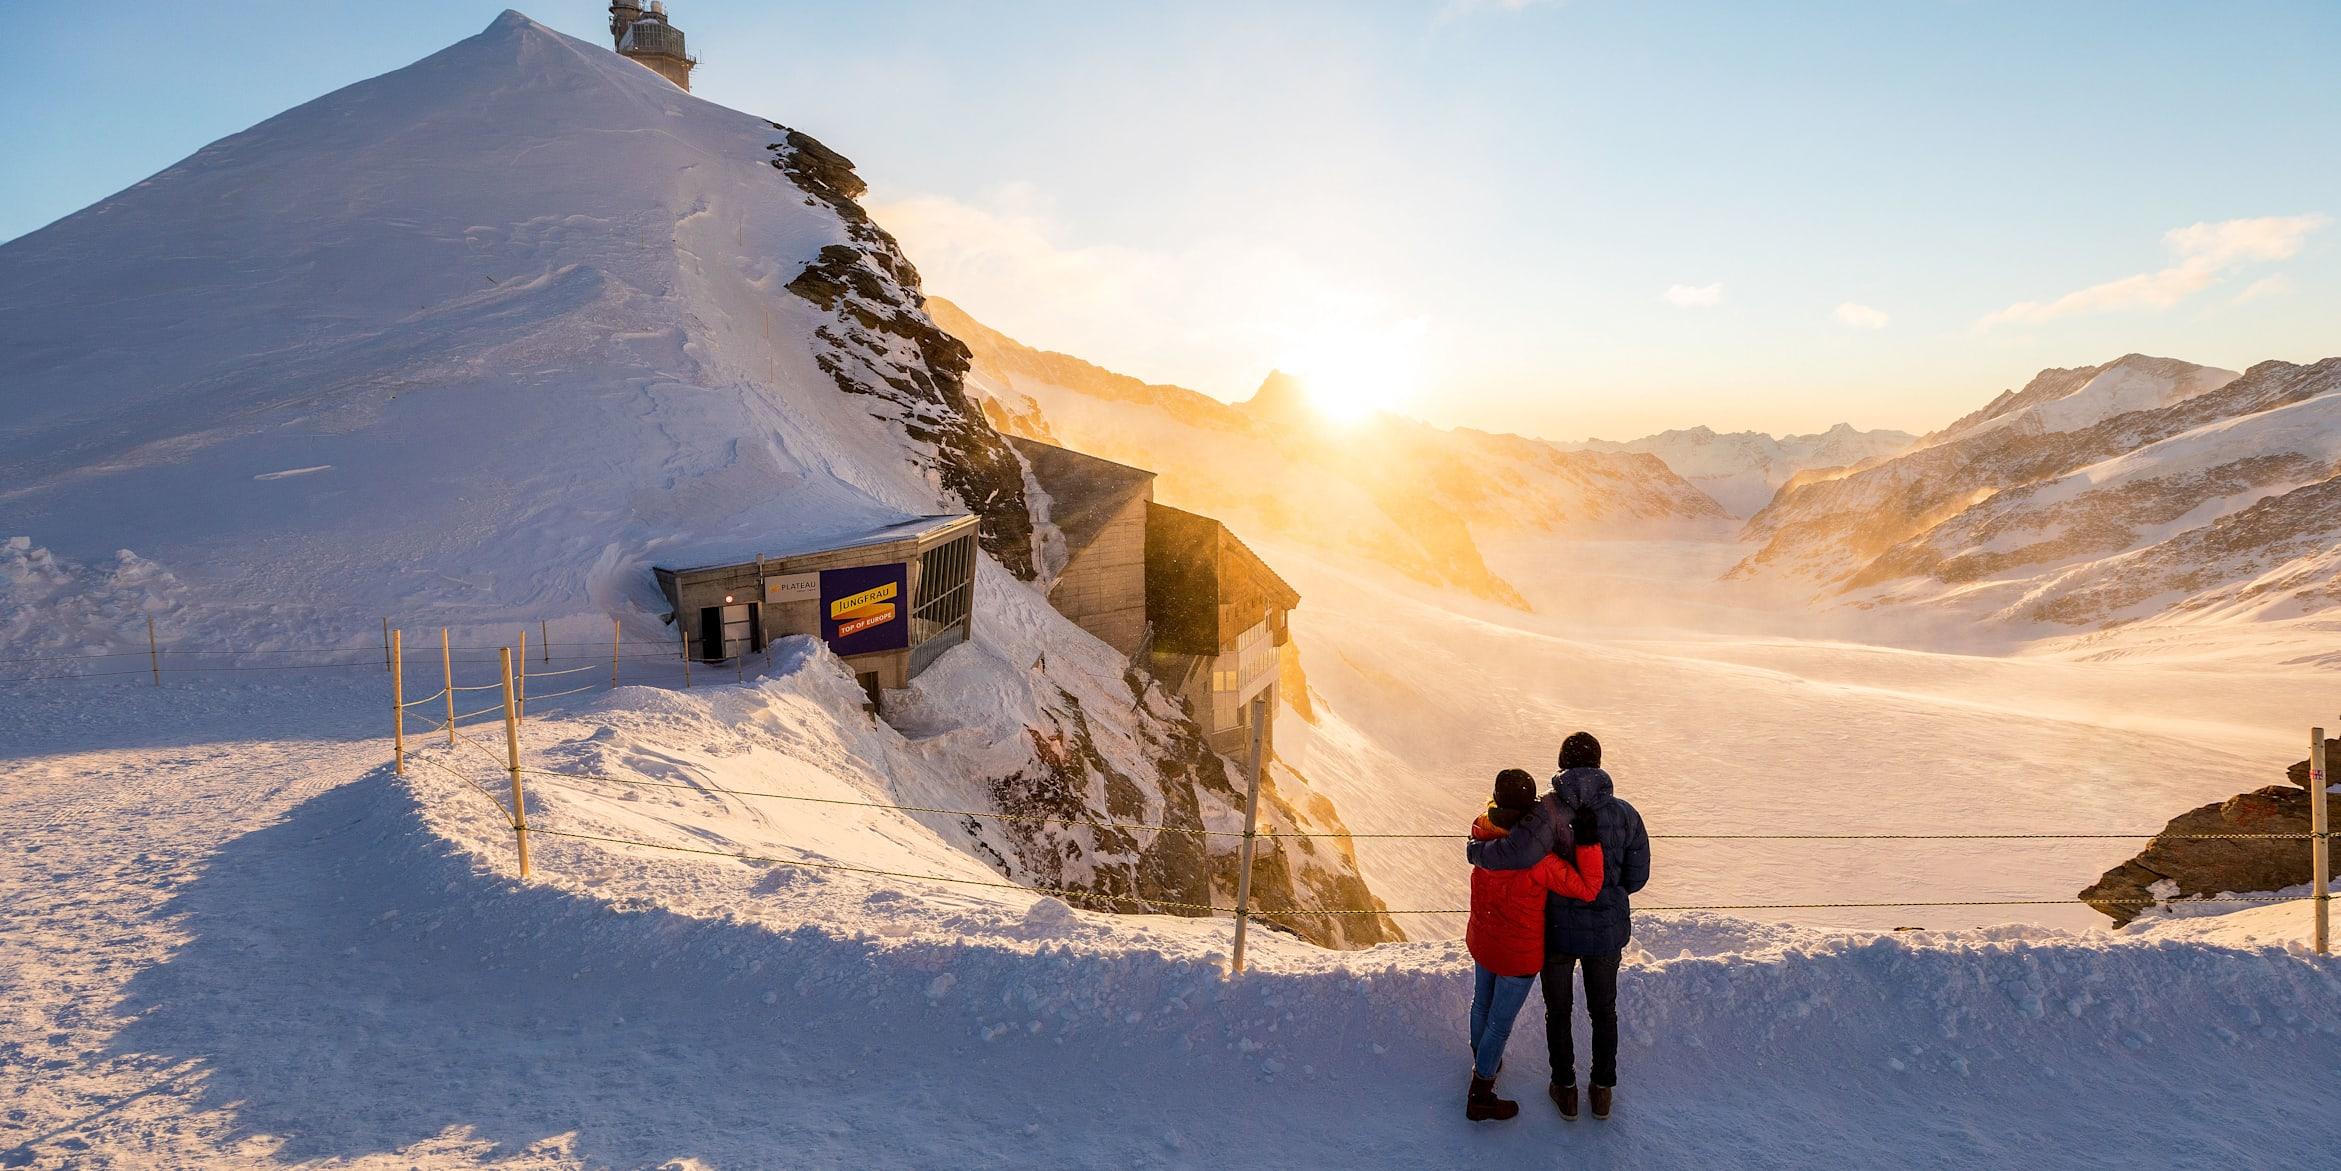 Abend-Morgenstimmung, Erlebnisse-Aktivitaeten, Jungfraujoch, Jungfraujoch-Top-of-Europe, Plateau, Sommer, Verhältnisse, Winter, jungfrau.ch